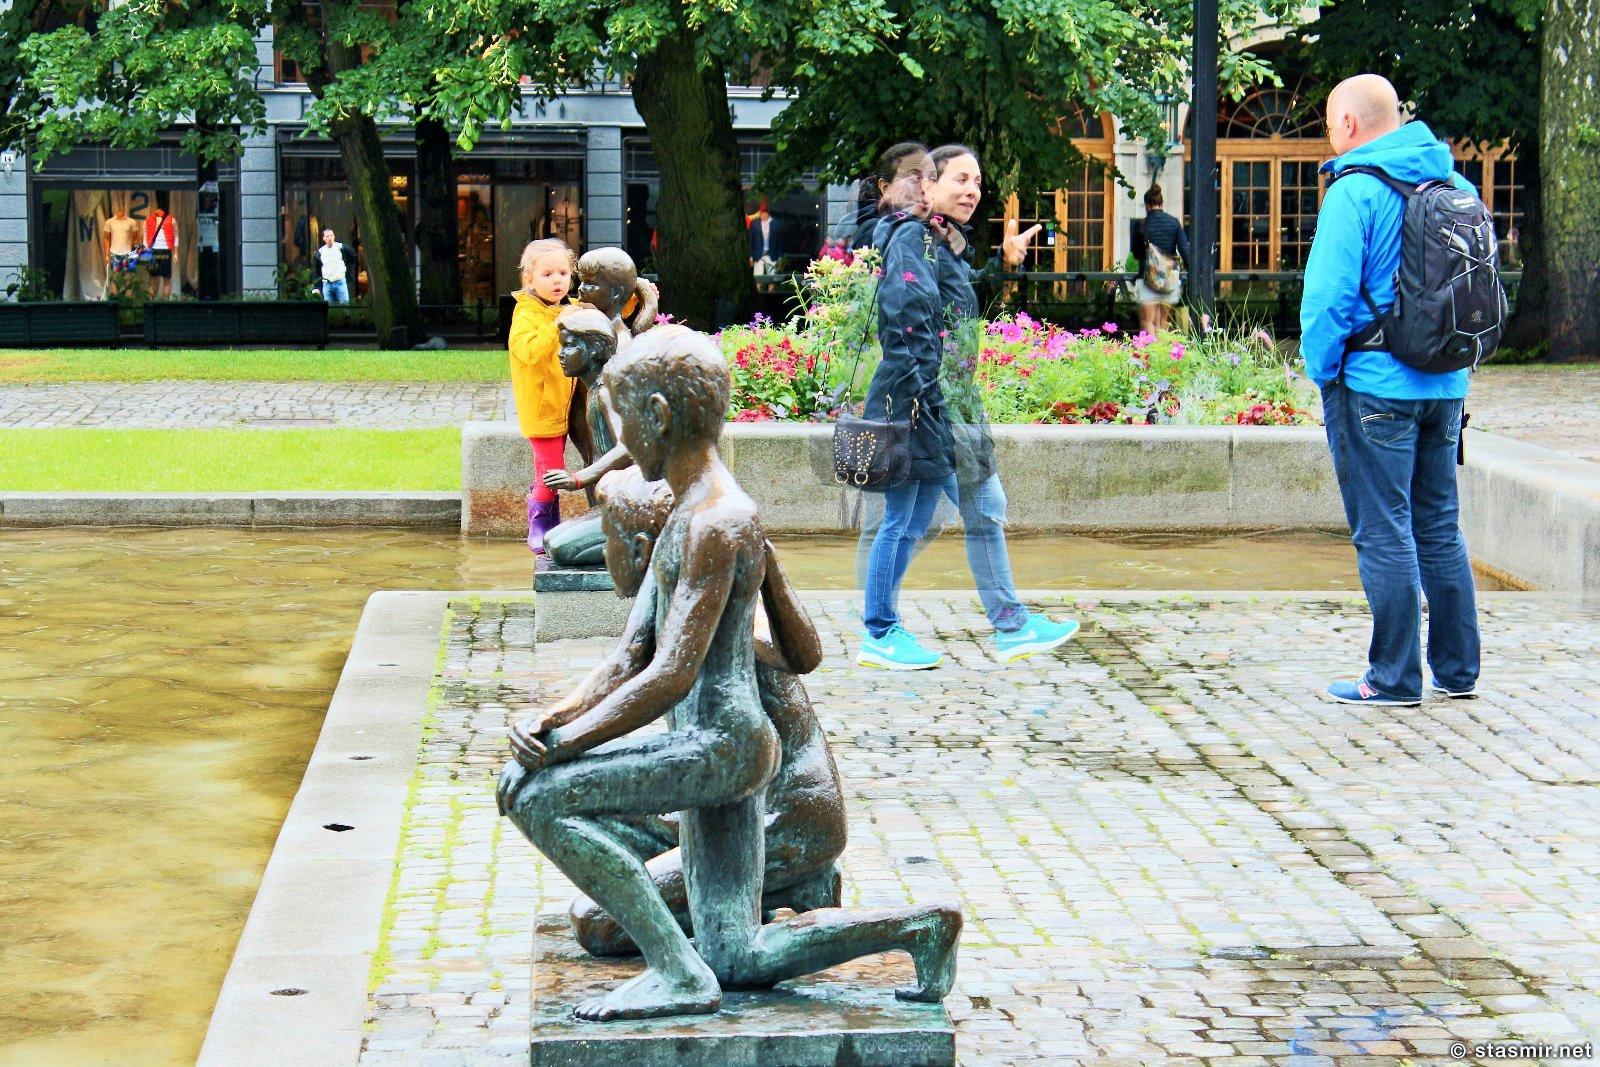 дети у фонтанов на Карл-Юханс Гате в Осло, фото Стасмир, Photo Stasmir